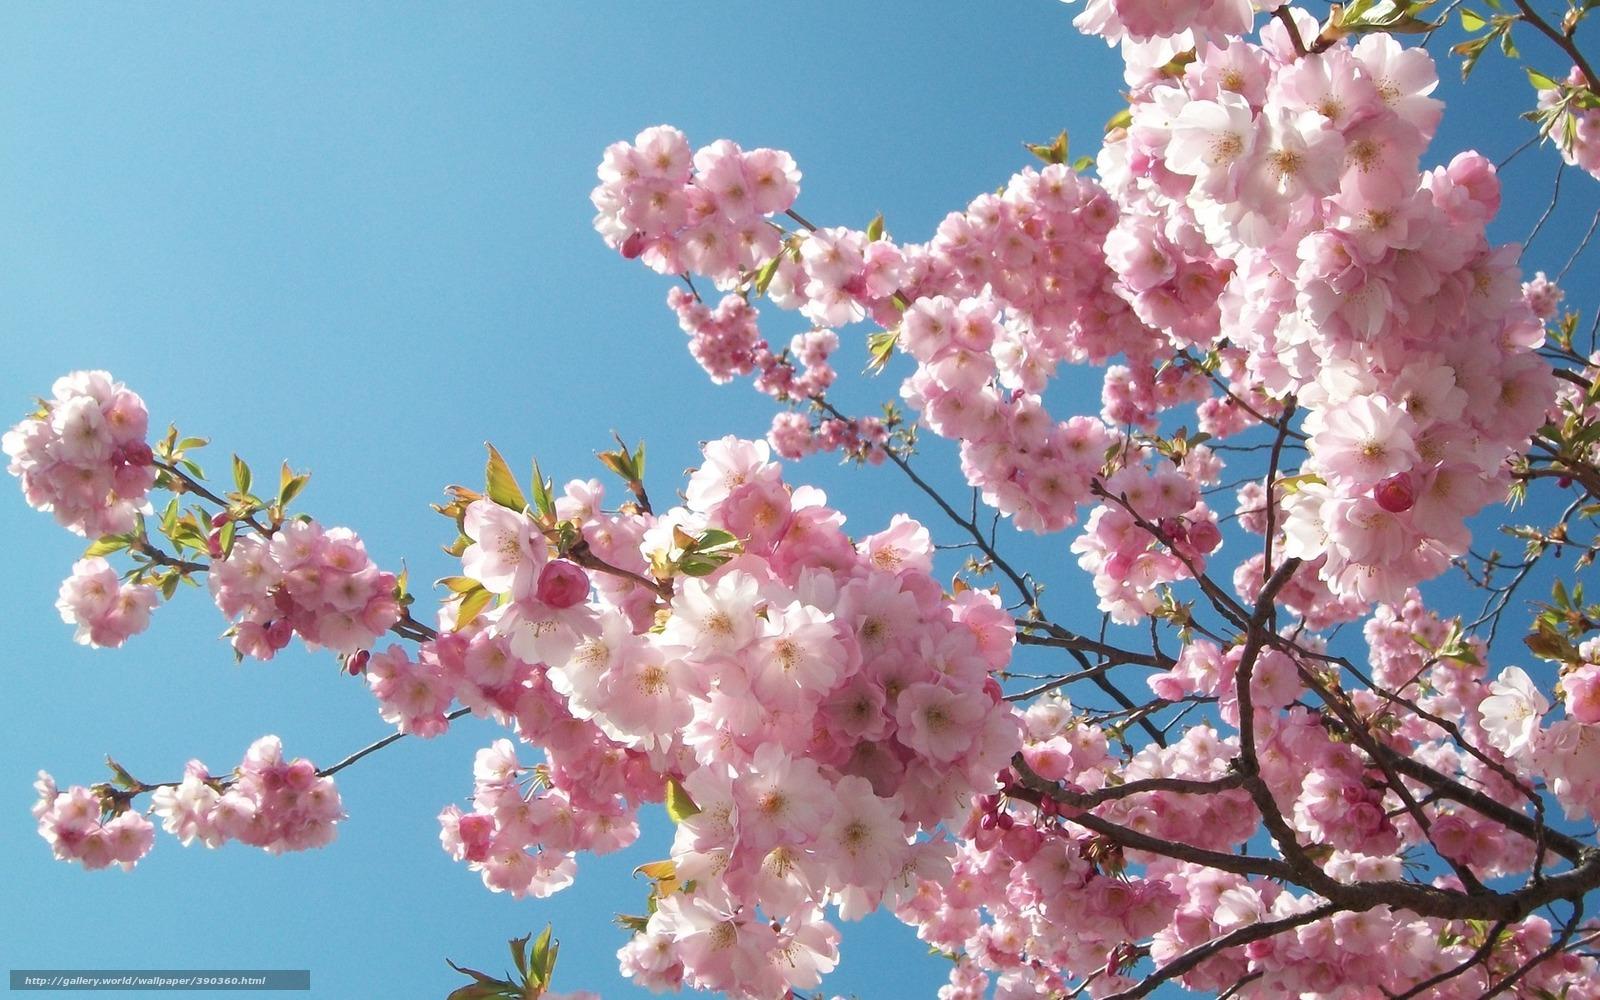 Tlcharger Fond d'ecran sakura, ciel, cerise, bleu Fonds d'ecran gratuits pour votre rsolution du bureau 1680x1050 — image №390360